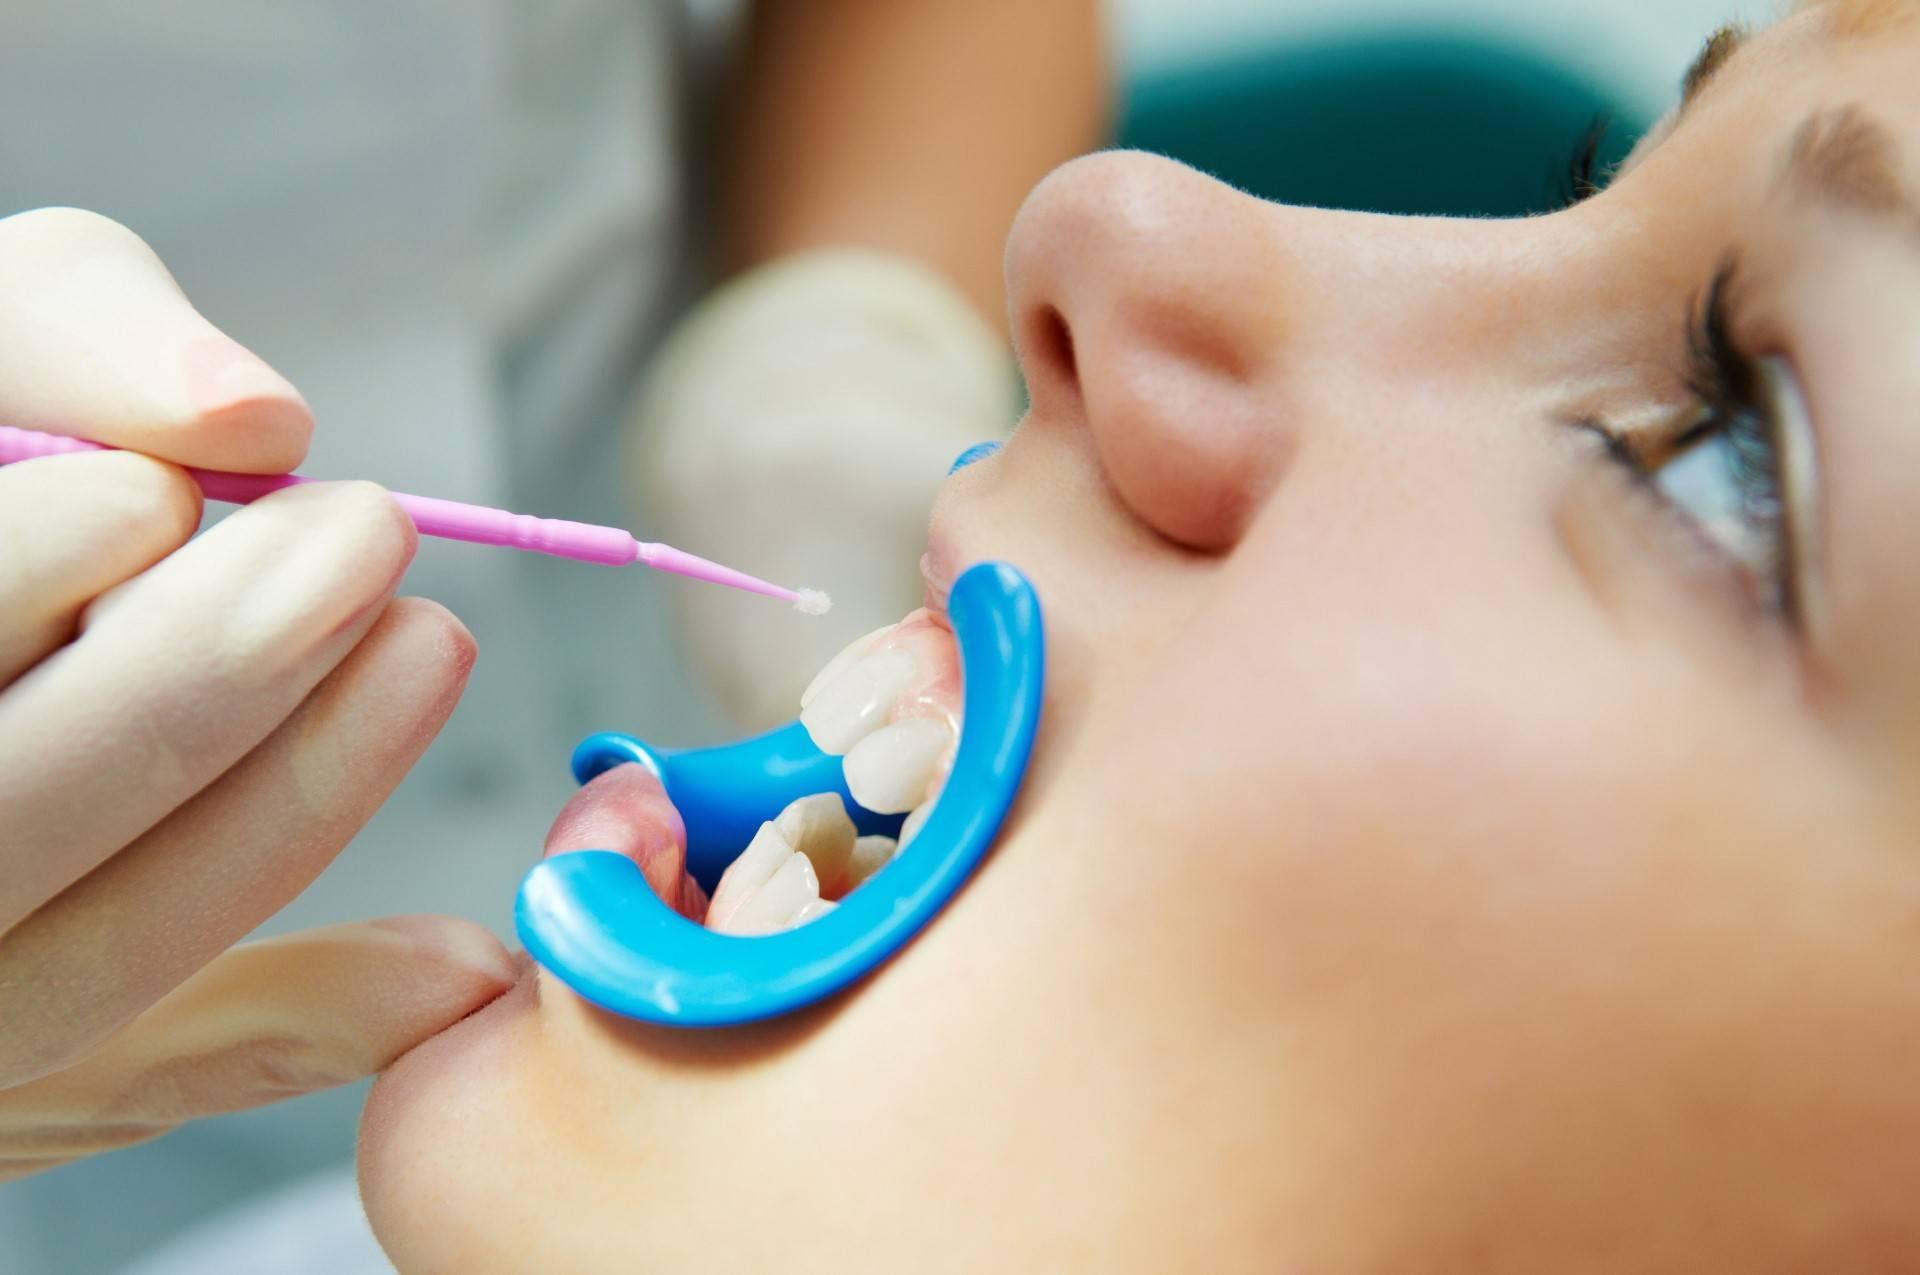 Фторирование зубов у детей — что это такое, как выглядит на фото до и после процедуры?